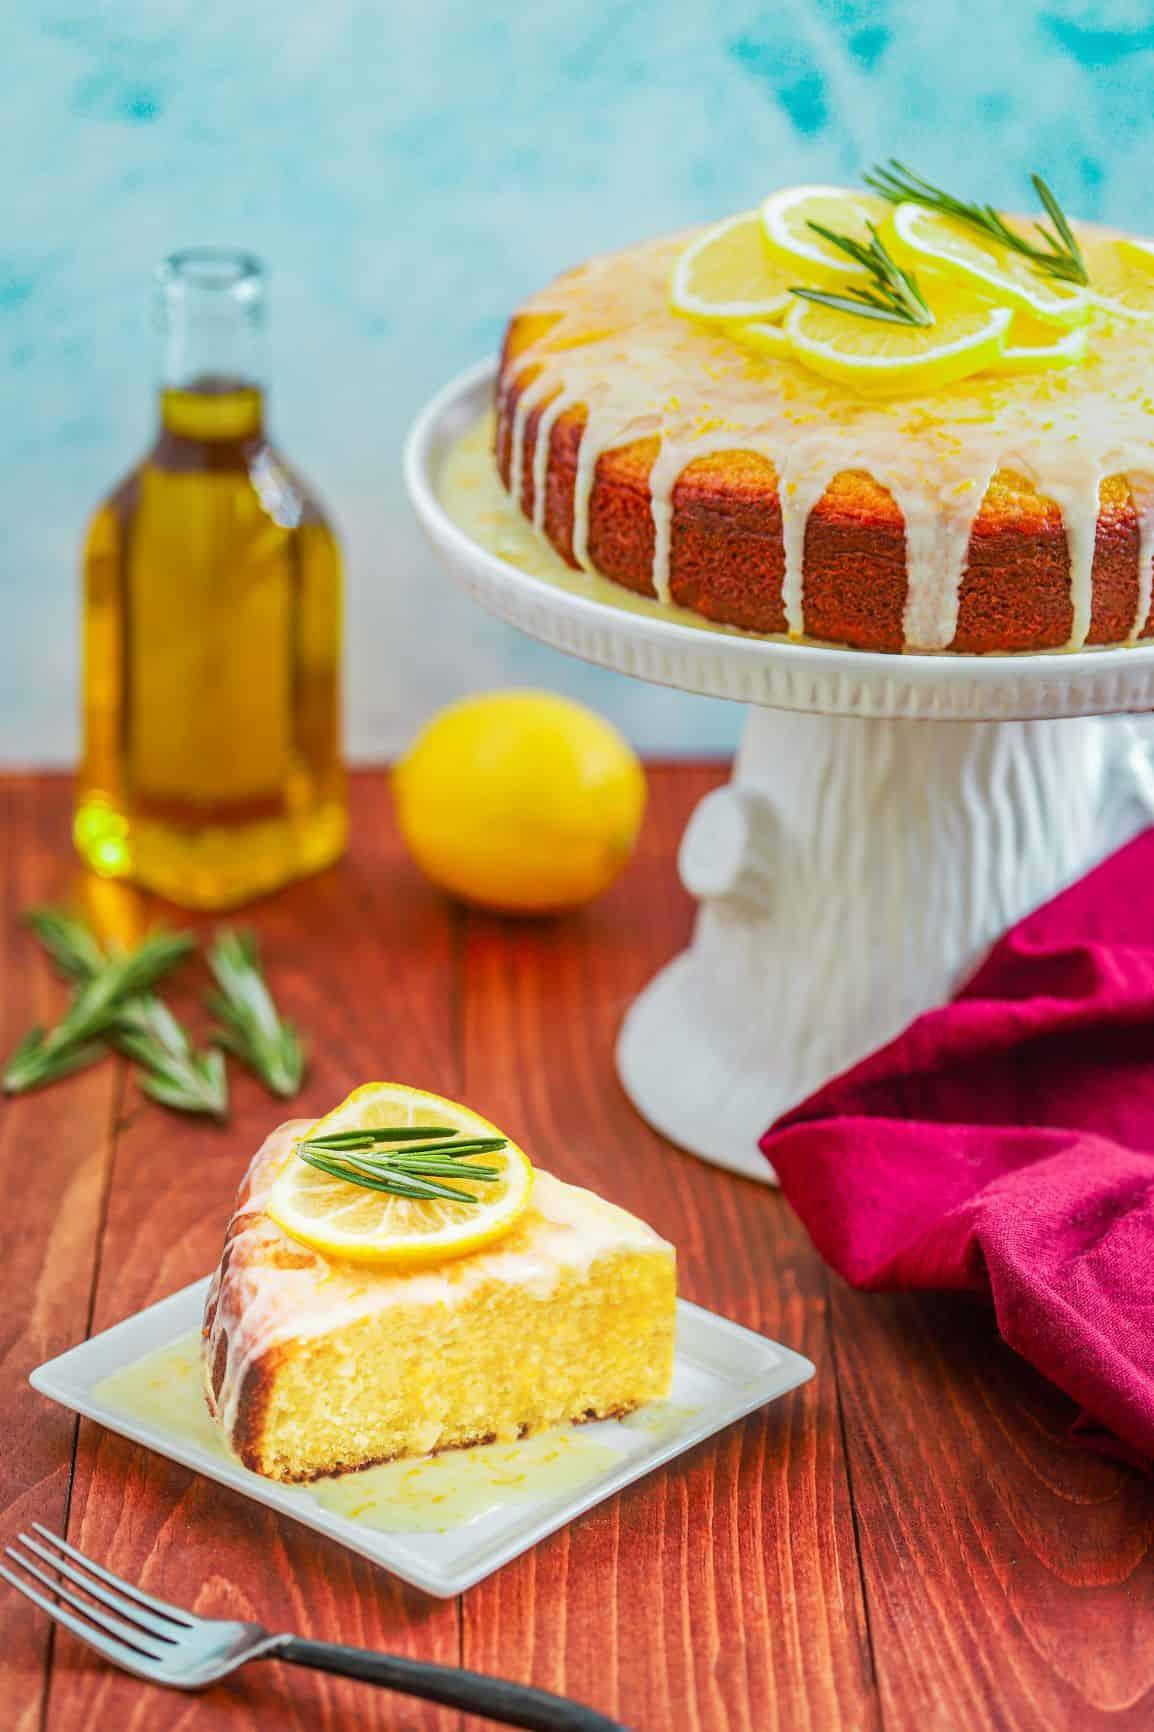 slice of lemon rosemary olive oil cake